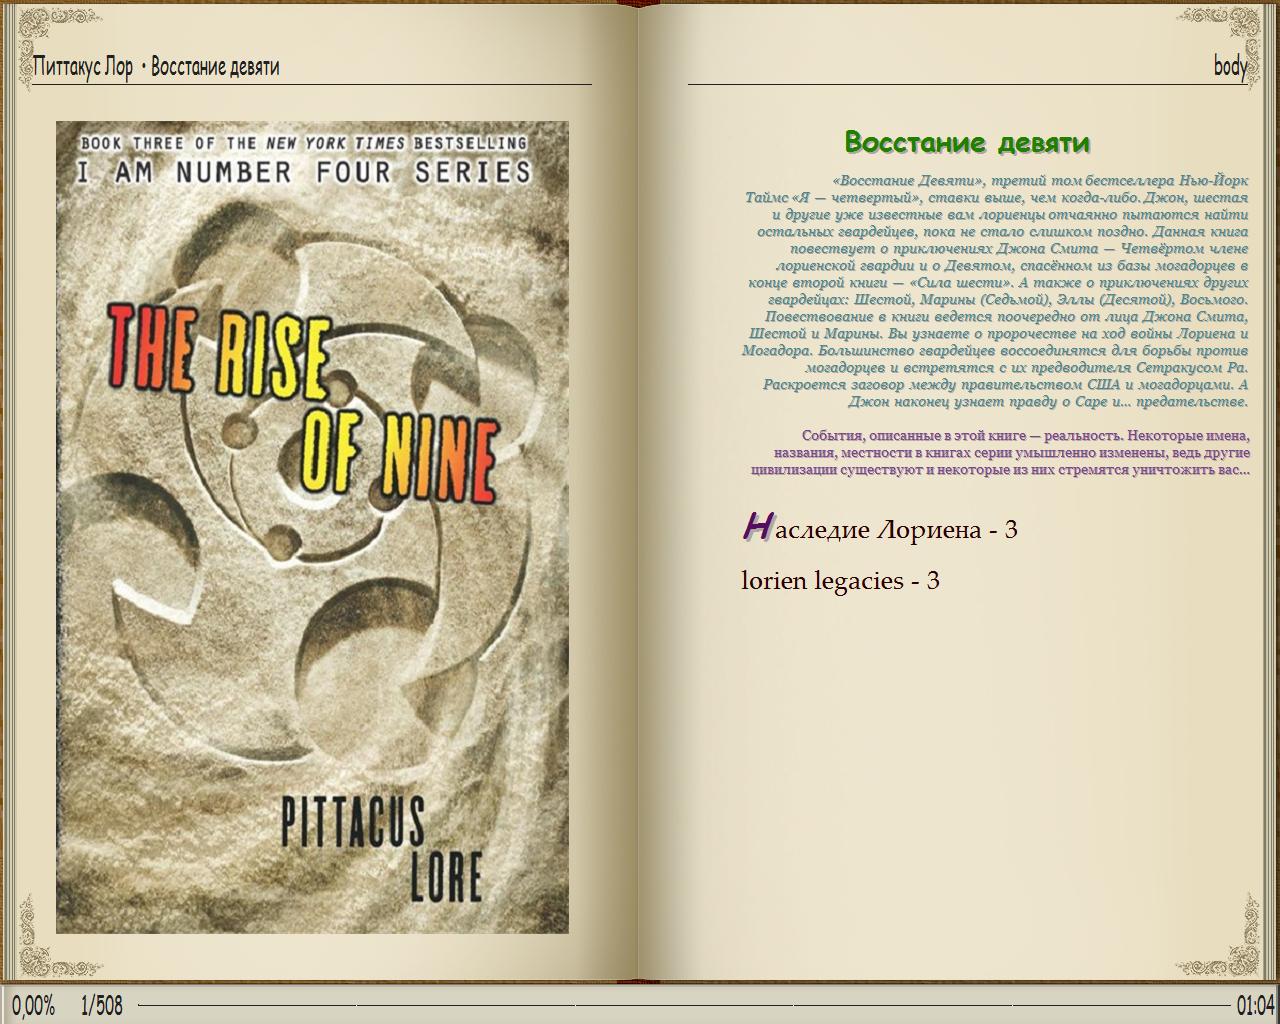 Скачать книгу восстание девяти в формате fb2